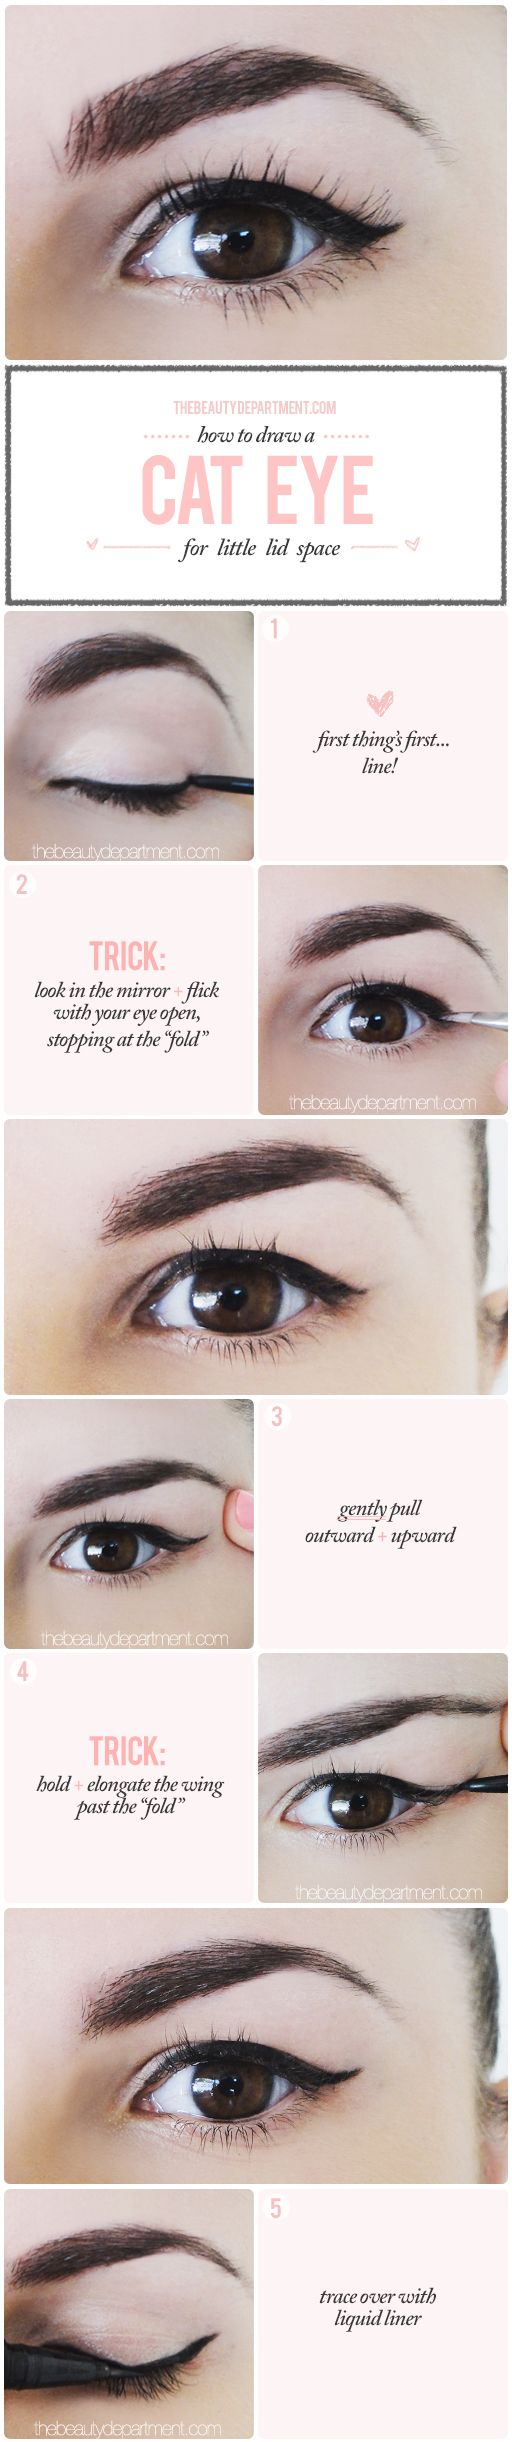 how to put eyeliner on droppy eyes